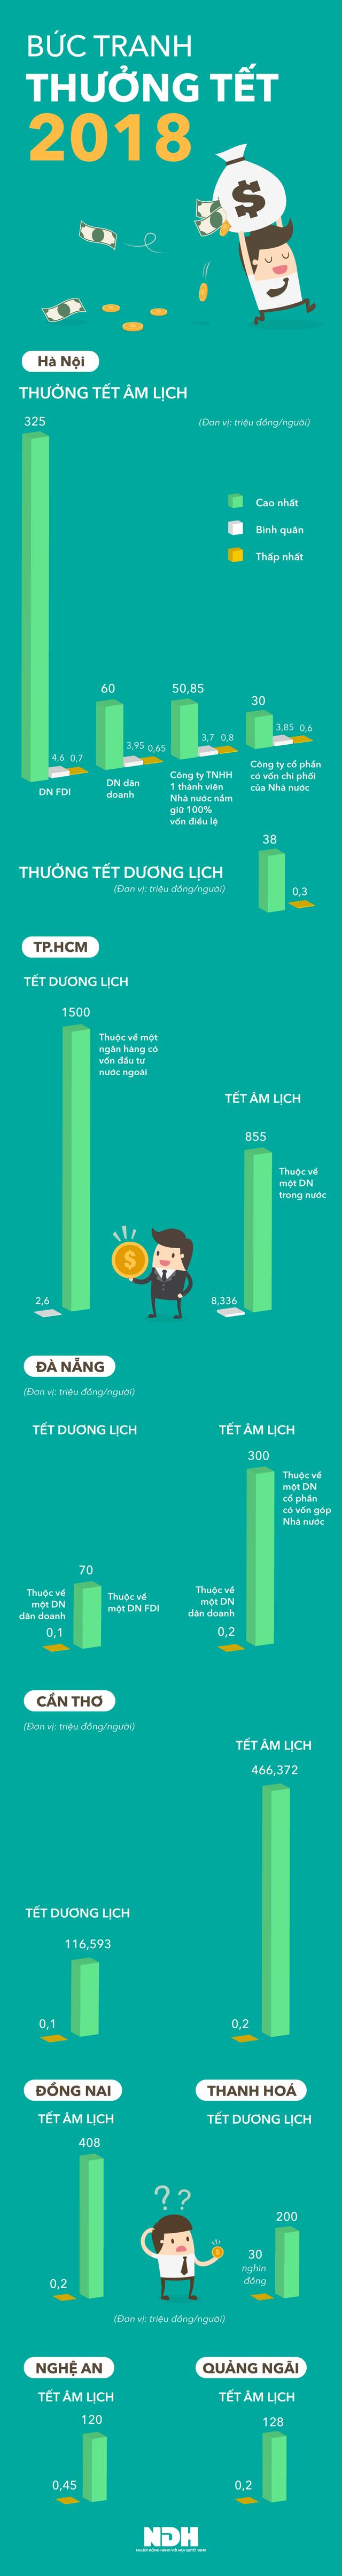 [Infographic] Thưởng Tết 2018: Người lĩnh 1,5 tỷ, kẻ nhận 30.000 đồng - Ảnh 1.